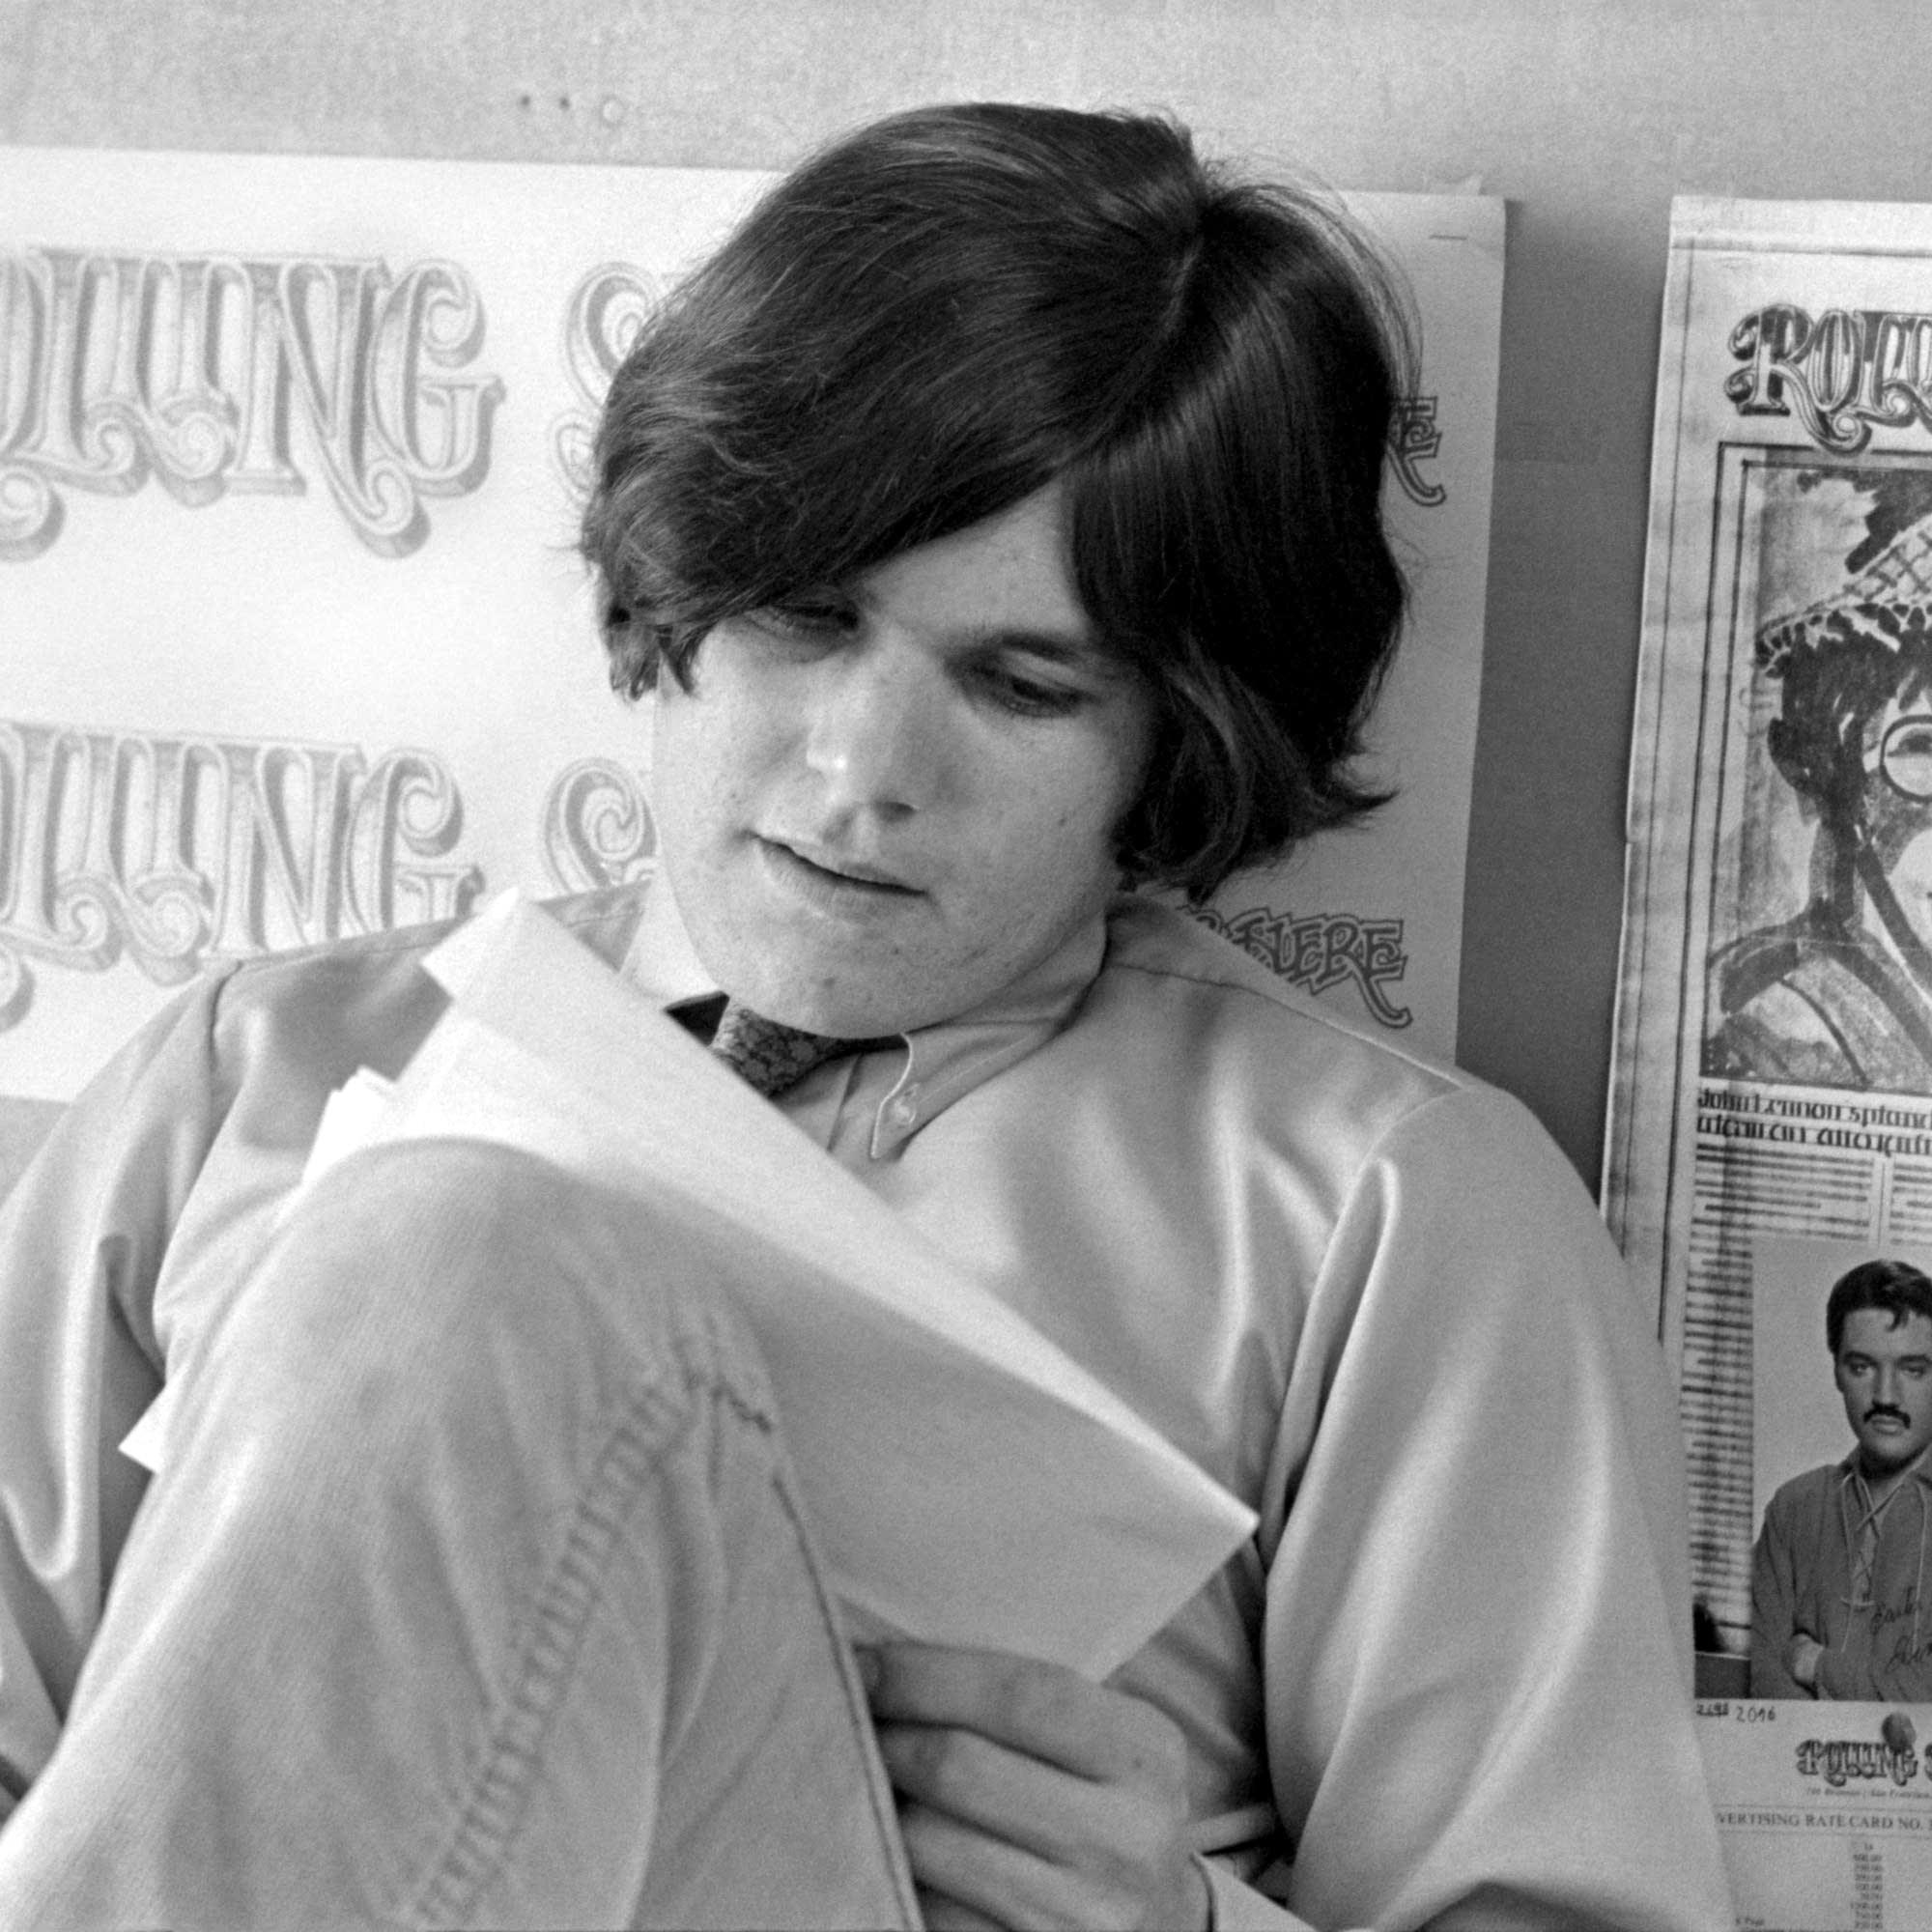 Rolling Stone magazine founder Jann Wenner